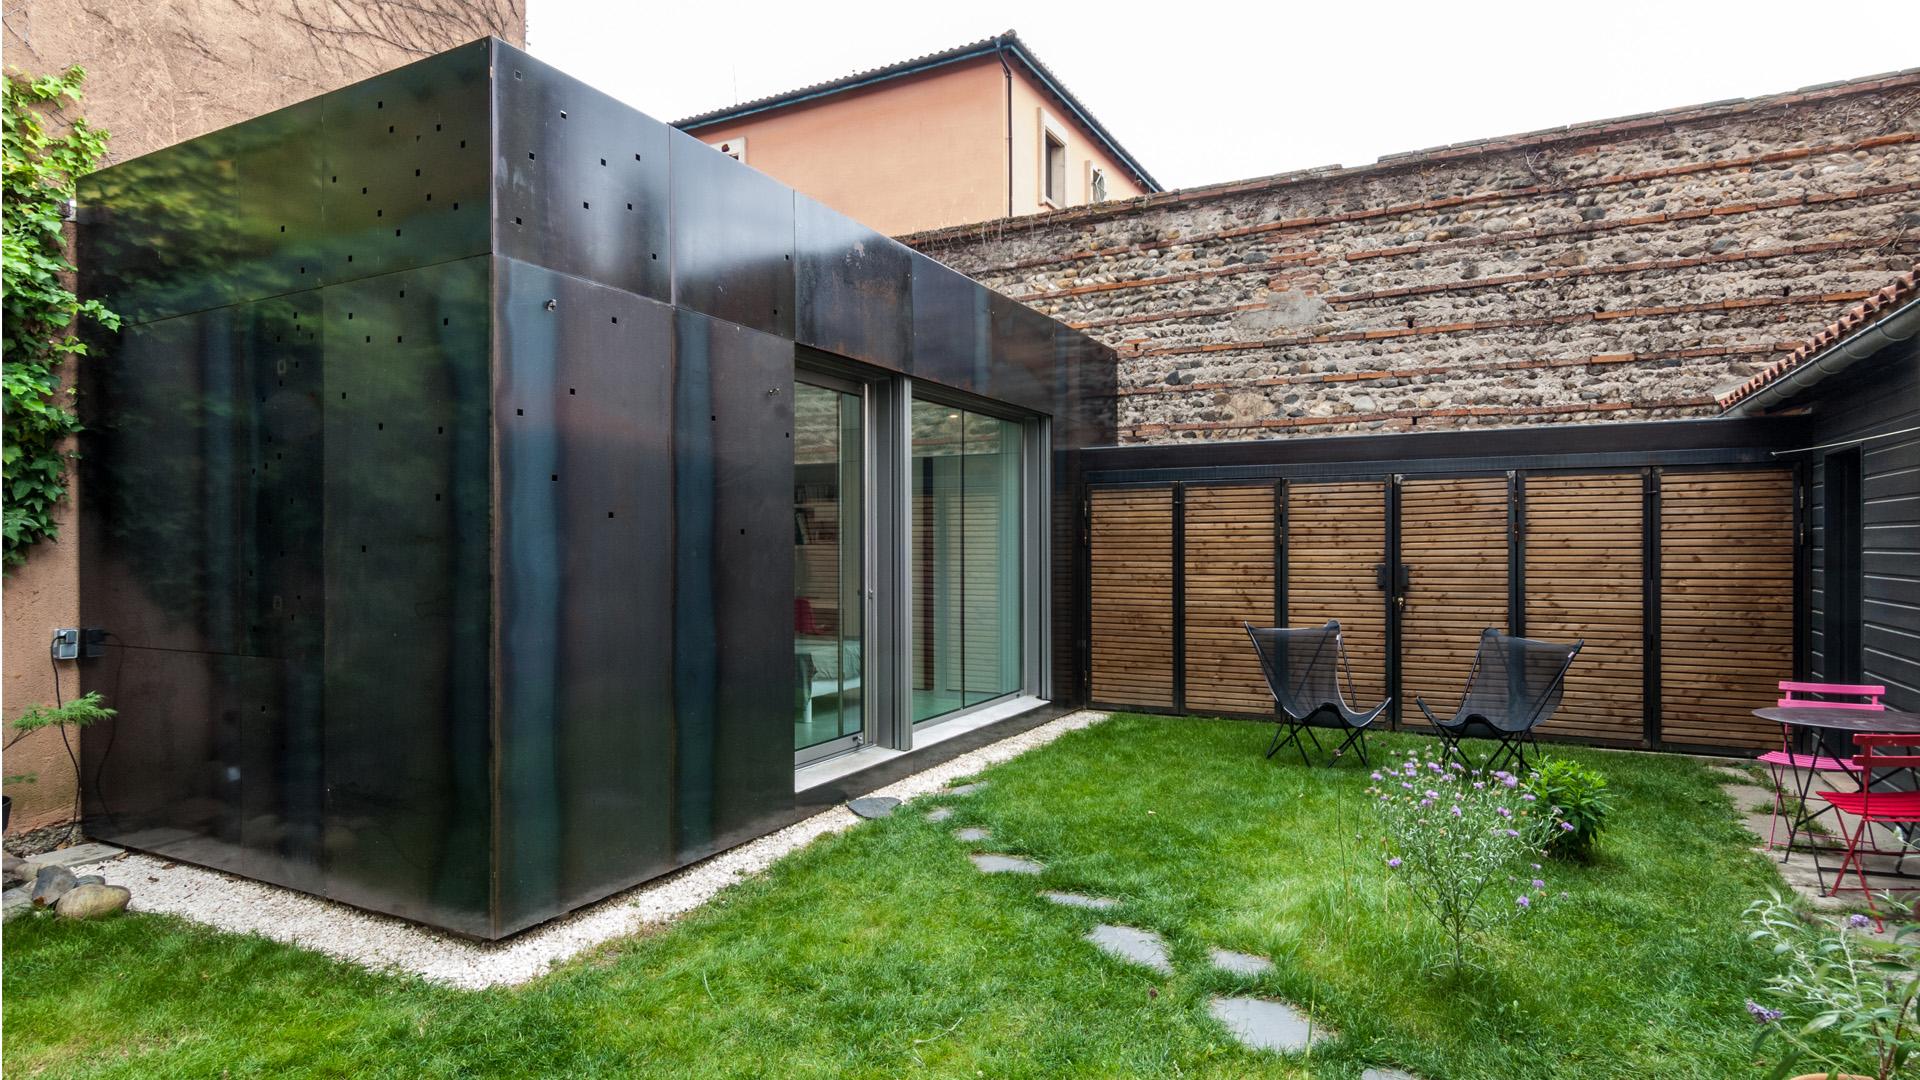 01-Seuil-Architecture-maison-Mir-crédit-Ph.-Stéphane-Brugidou